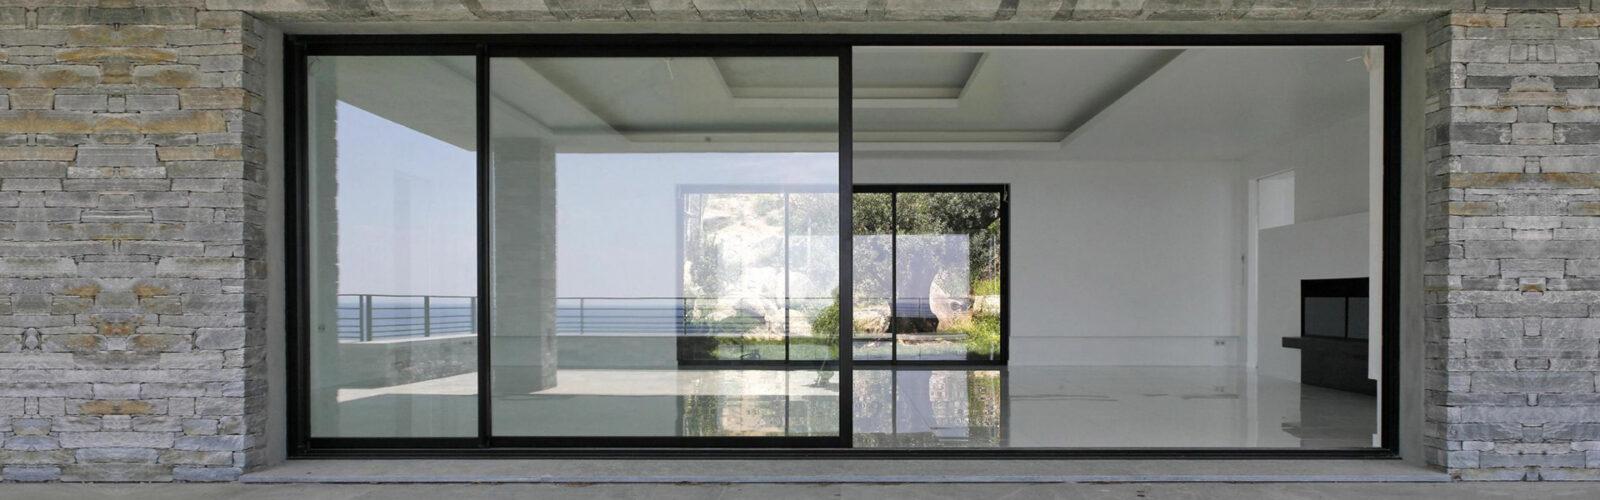 Раздвижные алюминиевые окна Симферополь